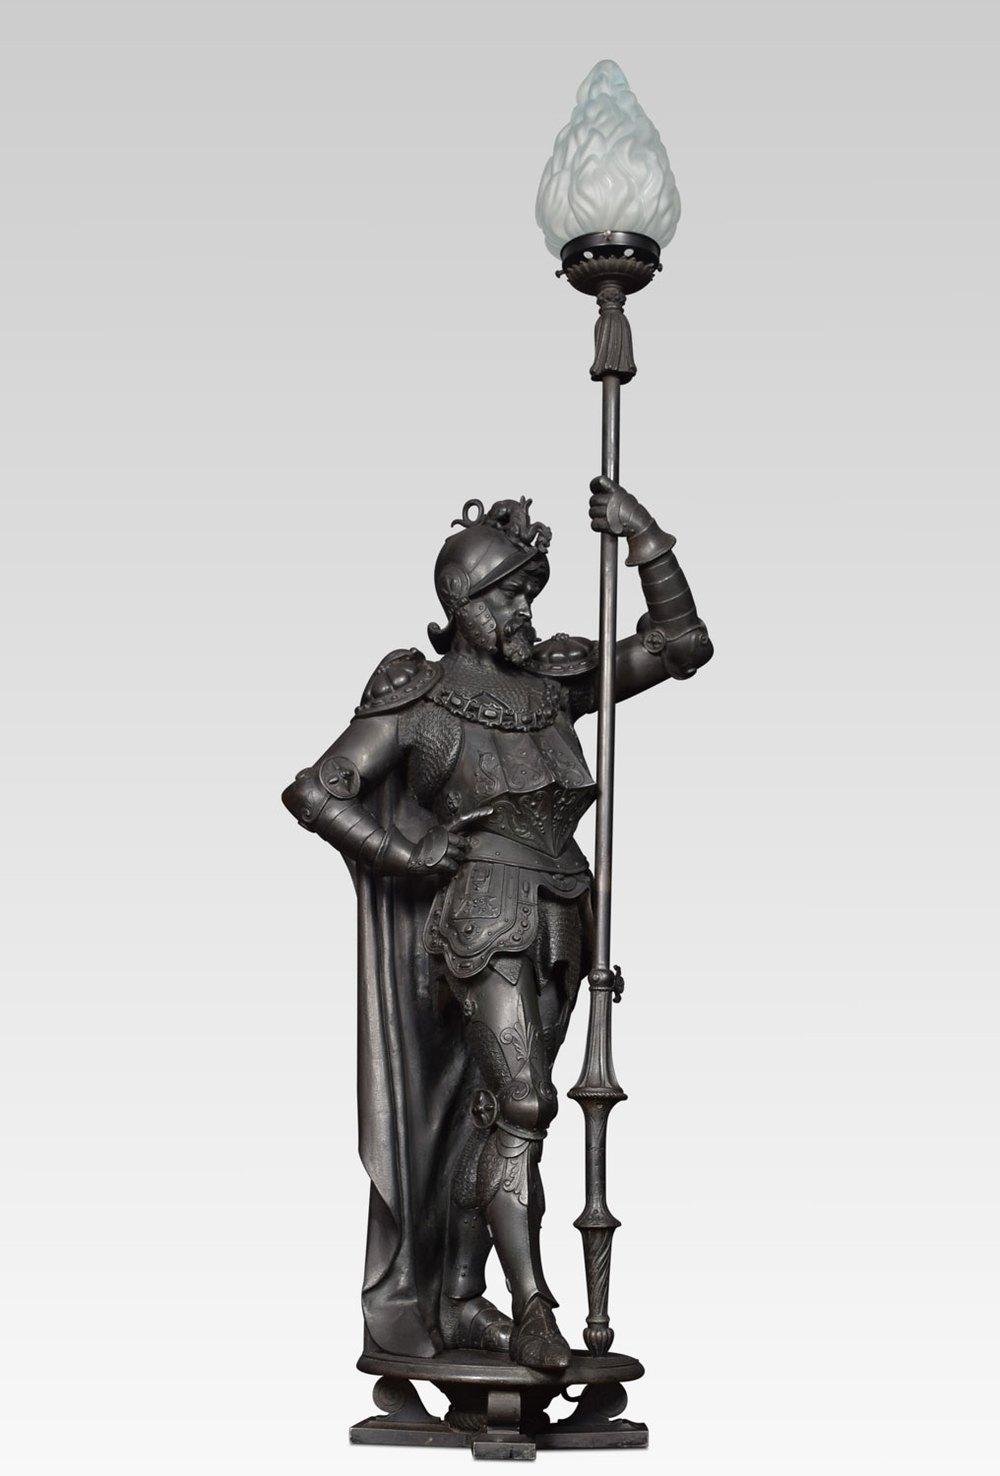 Antiques Atlas - Pair Of 19th Century Cast Iron Figures Of